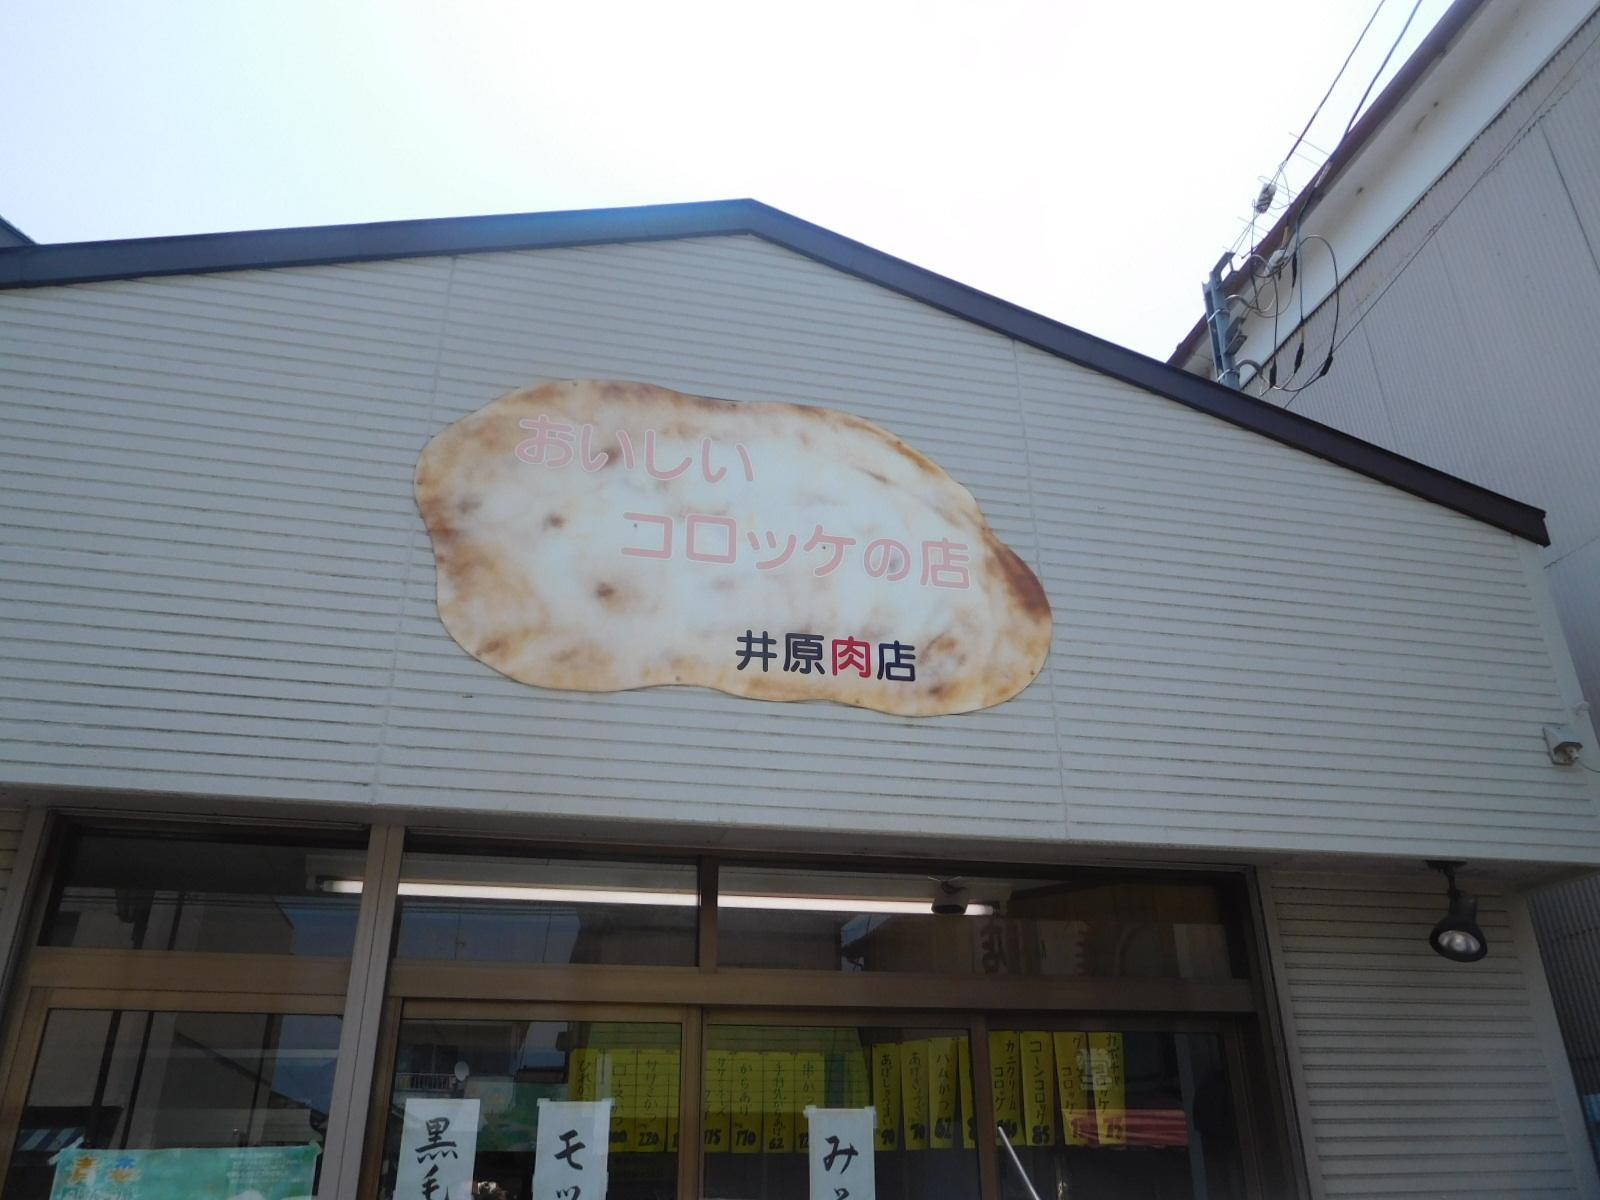 井原肉店 name=